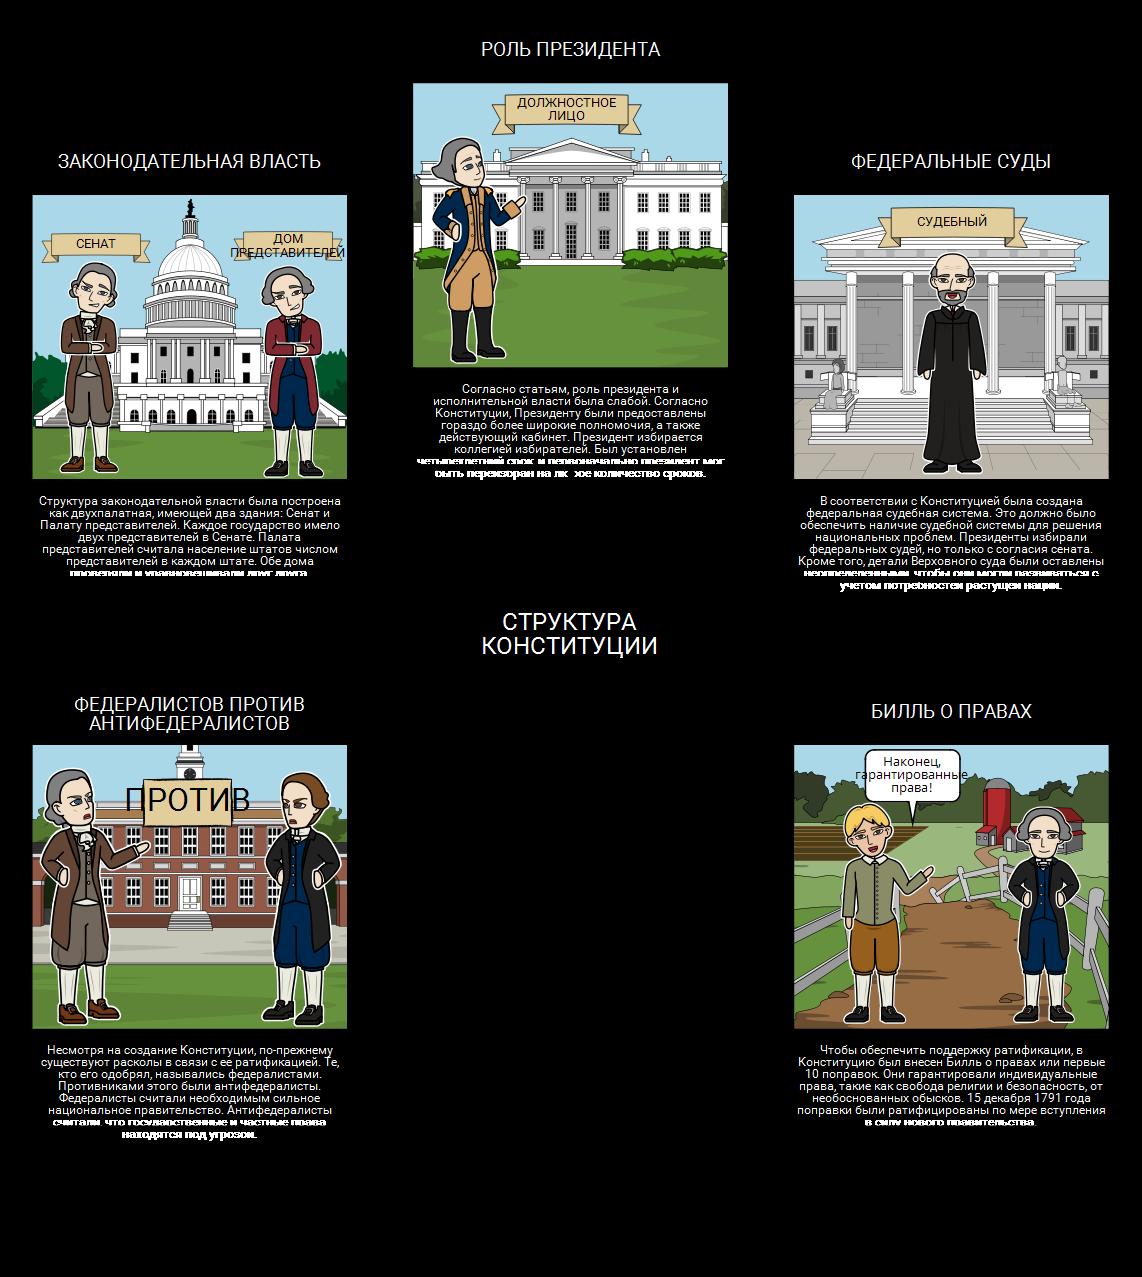 Федерализм - Структура Конституции